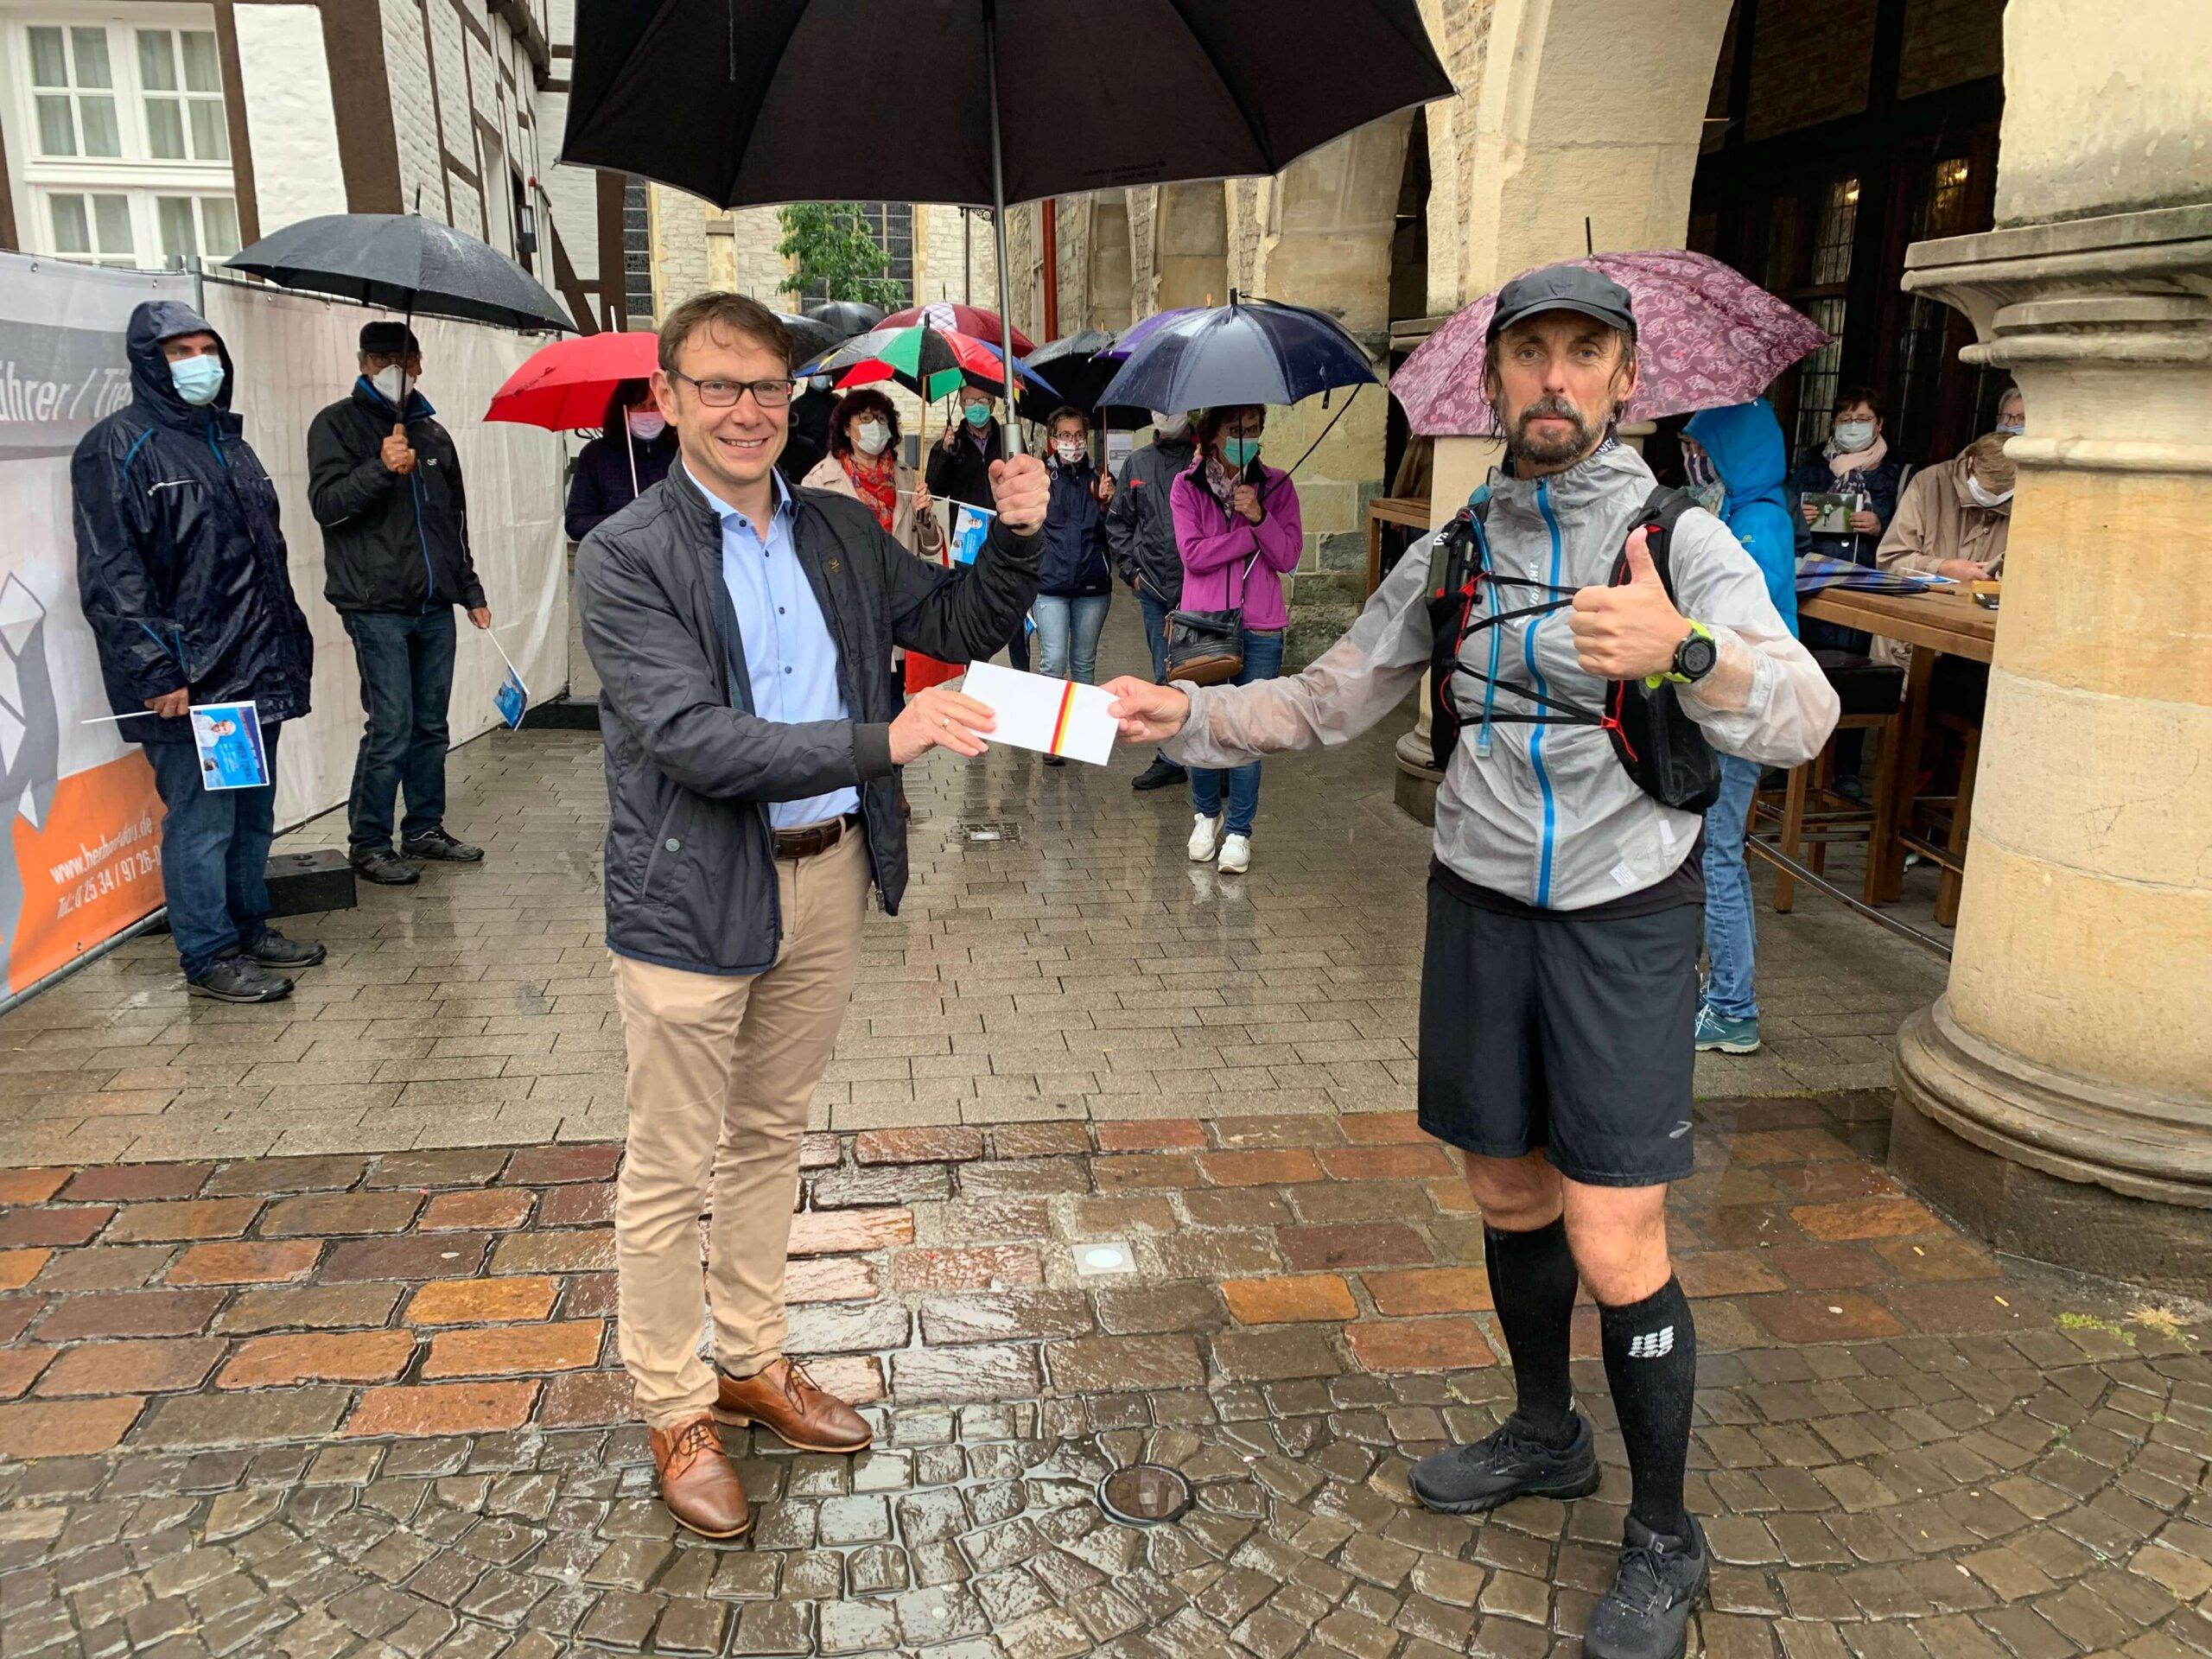 Bürgermeister Lothar Christ überreichte Pater Tobias bei seinem Zwischenstopp vor dem Rathaus eine Spende in Höhe von 111 Euro. Foto: Viefhues